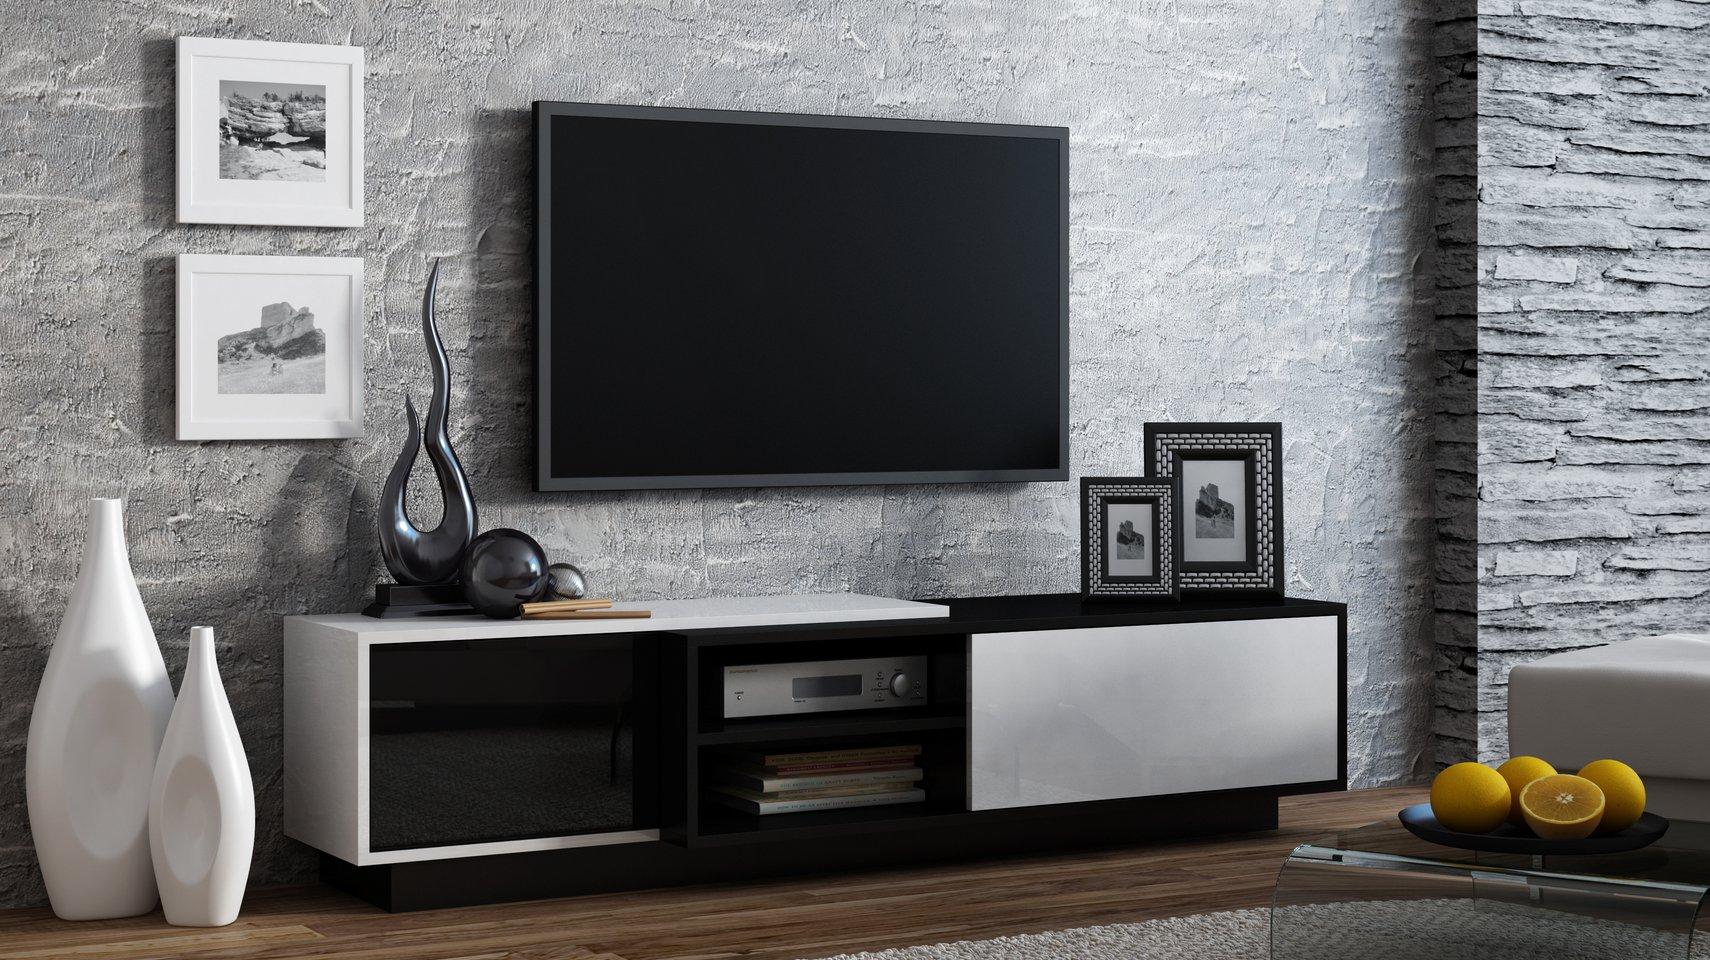 CAMA MEBLE Televízny stolík SIGMA 1 Farba: biela/čierna